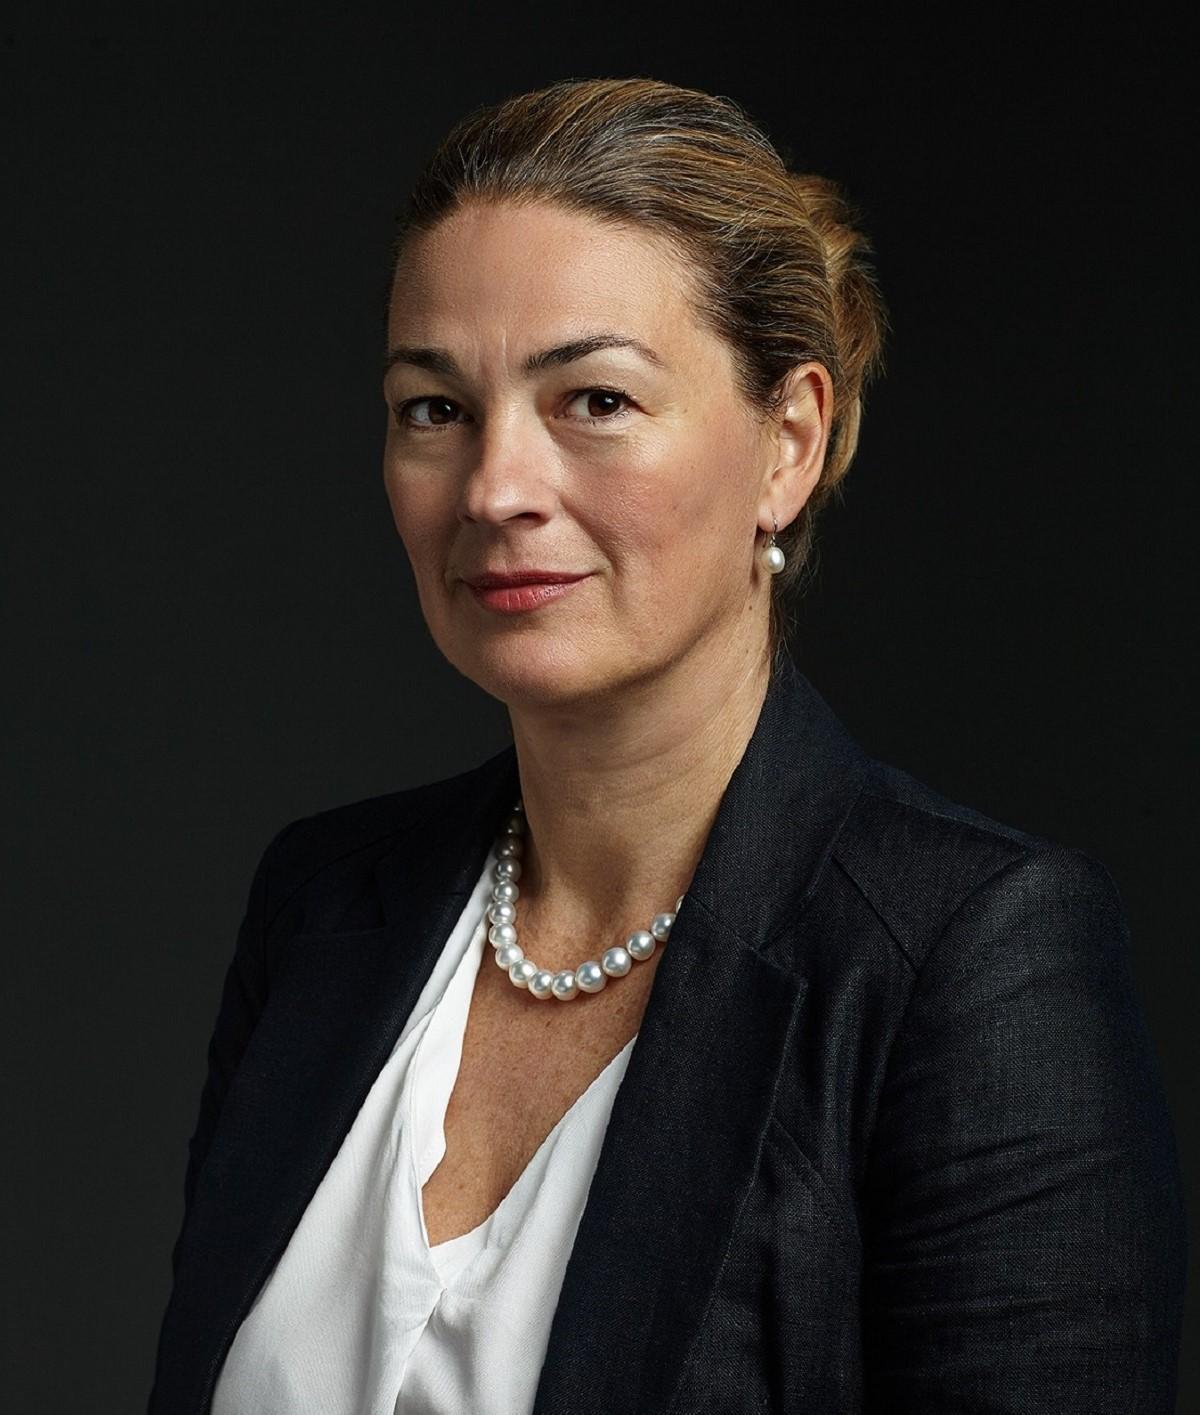 Dr Gall-Foris Bernadett